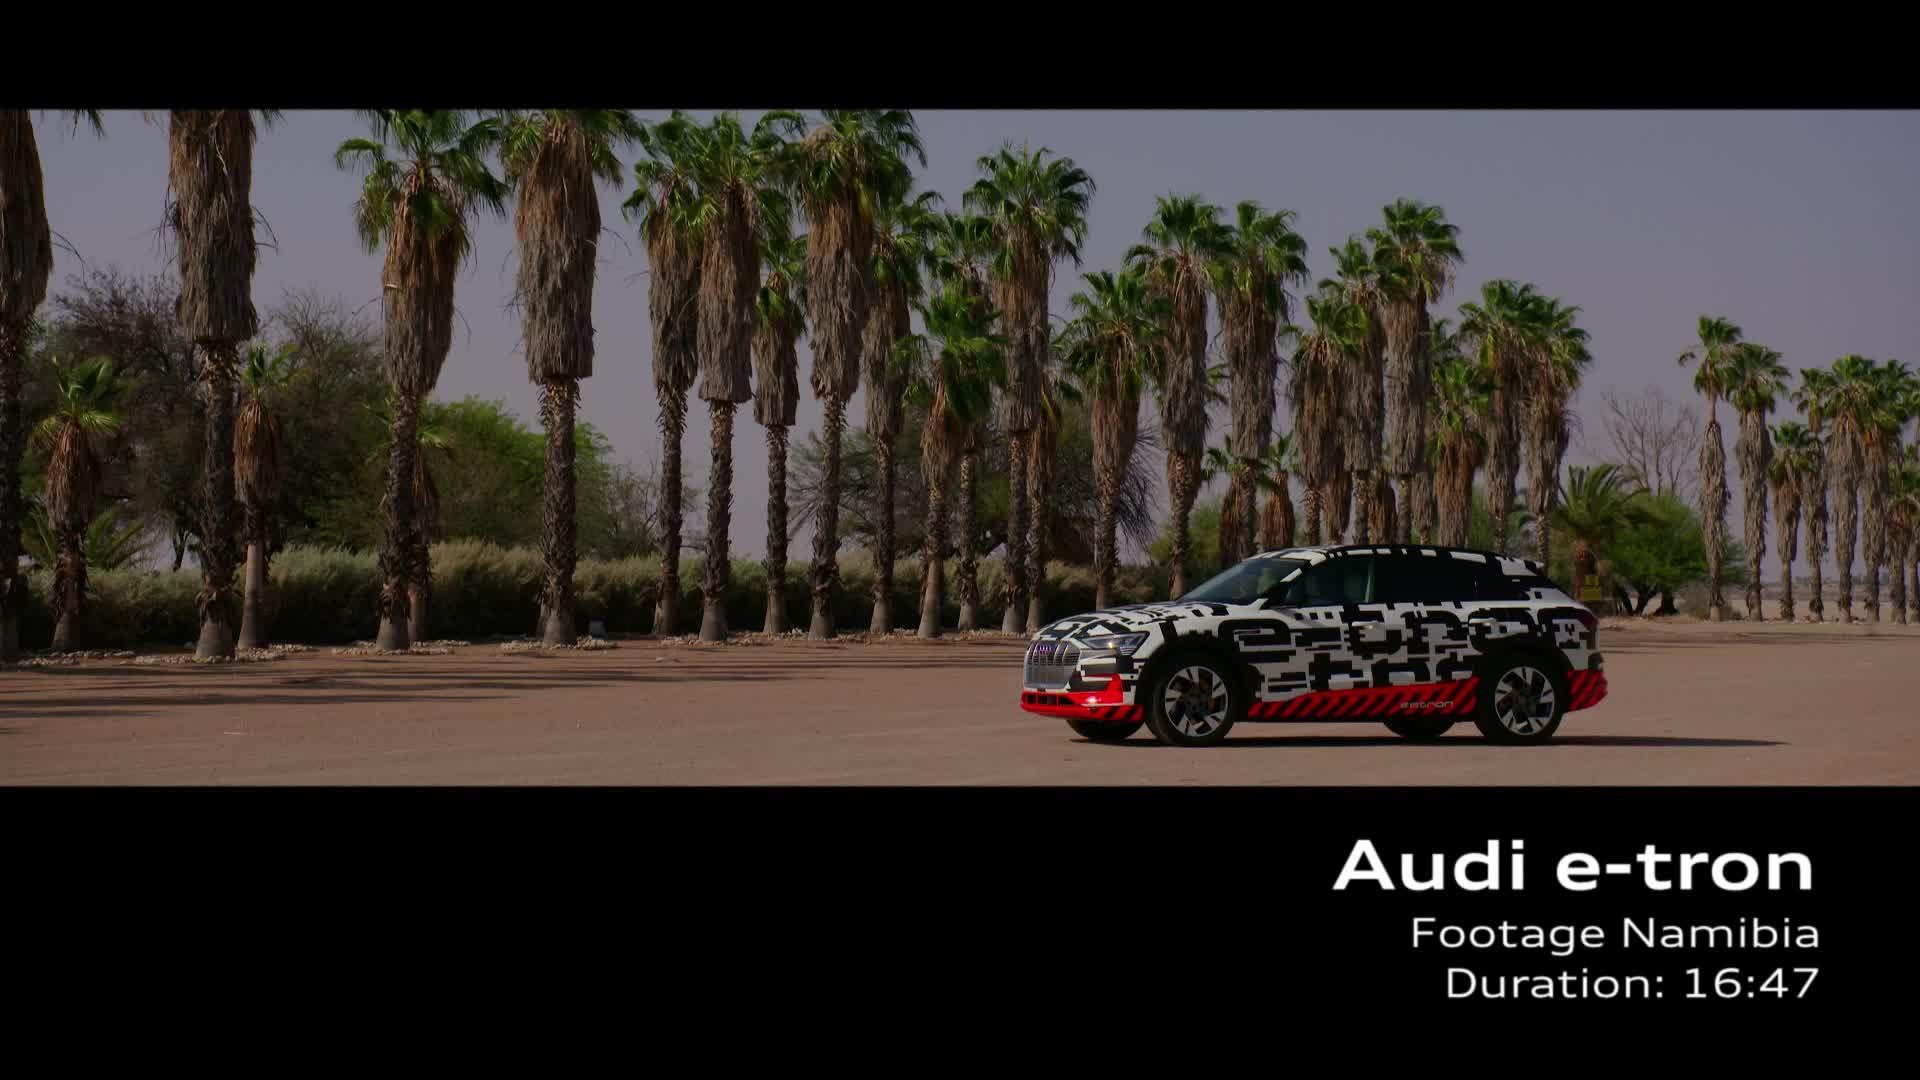 Audi e-tron-prototype in Namibia (Footage)